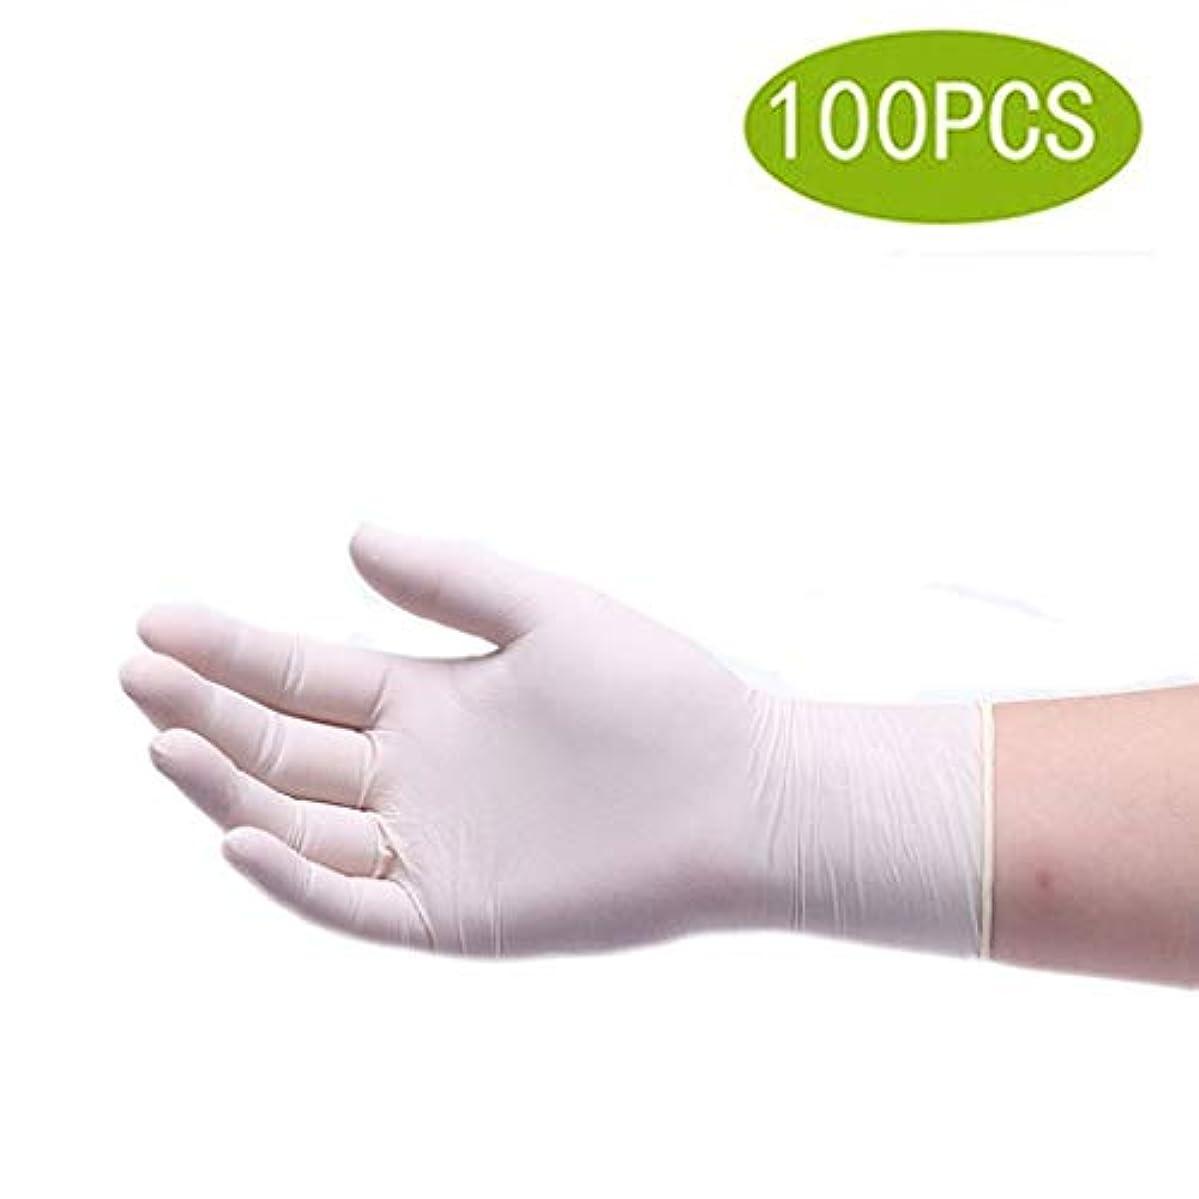 ガイド多様体多様な食品取扱のための使い捨て手袋、作業ニトリル手袋、ラテックスフリー手袋、使い捨て手袋、パウダーフリーの、滅菌済みでない使い捨て安全手袋、ミディアム(100個入り) (Color : White, Size : S)